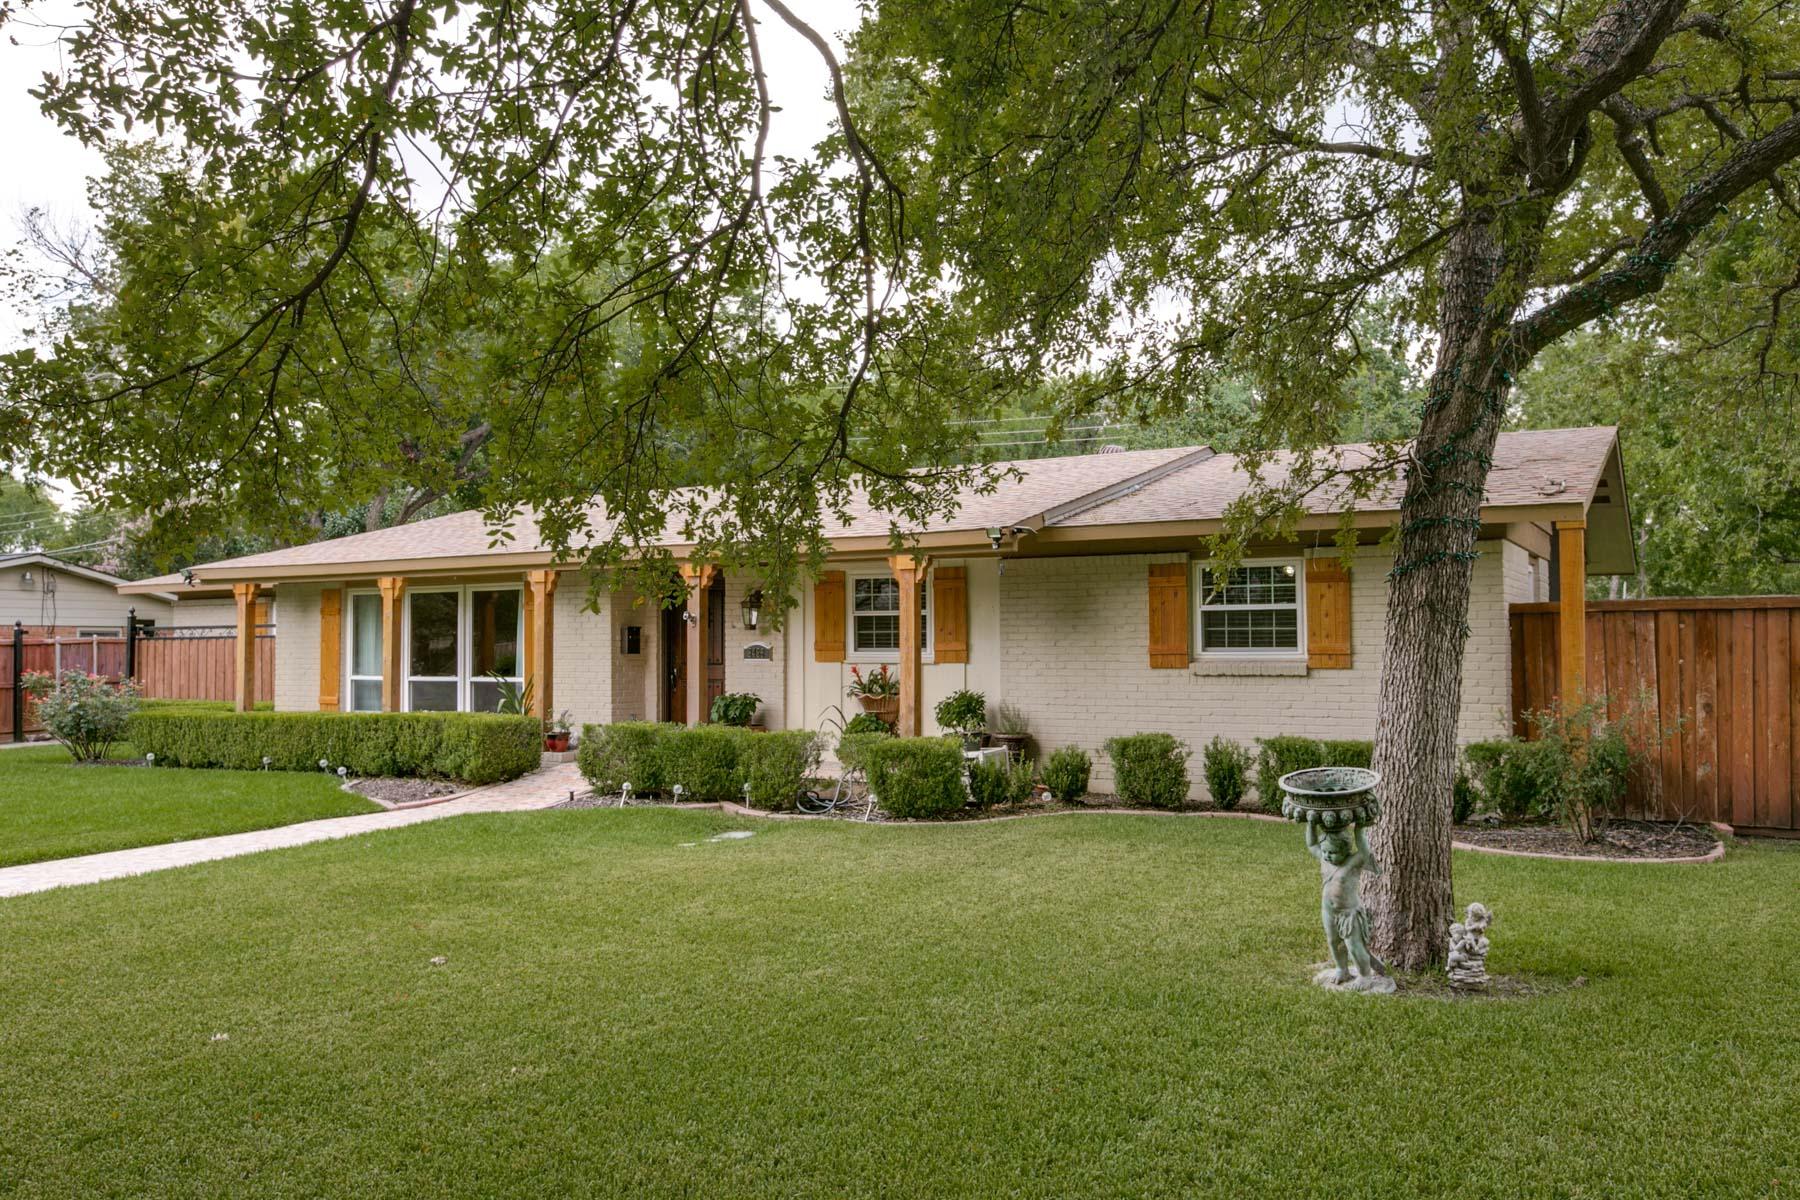 Villa per Vendita alle ore Fabulously Updated North Dallas Ranch-Style Home 3458 Saint Cloud Cir Dallas, Texas, 75229 Stati Uniti